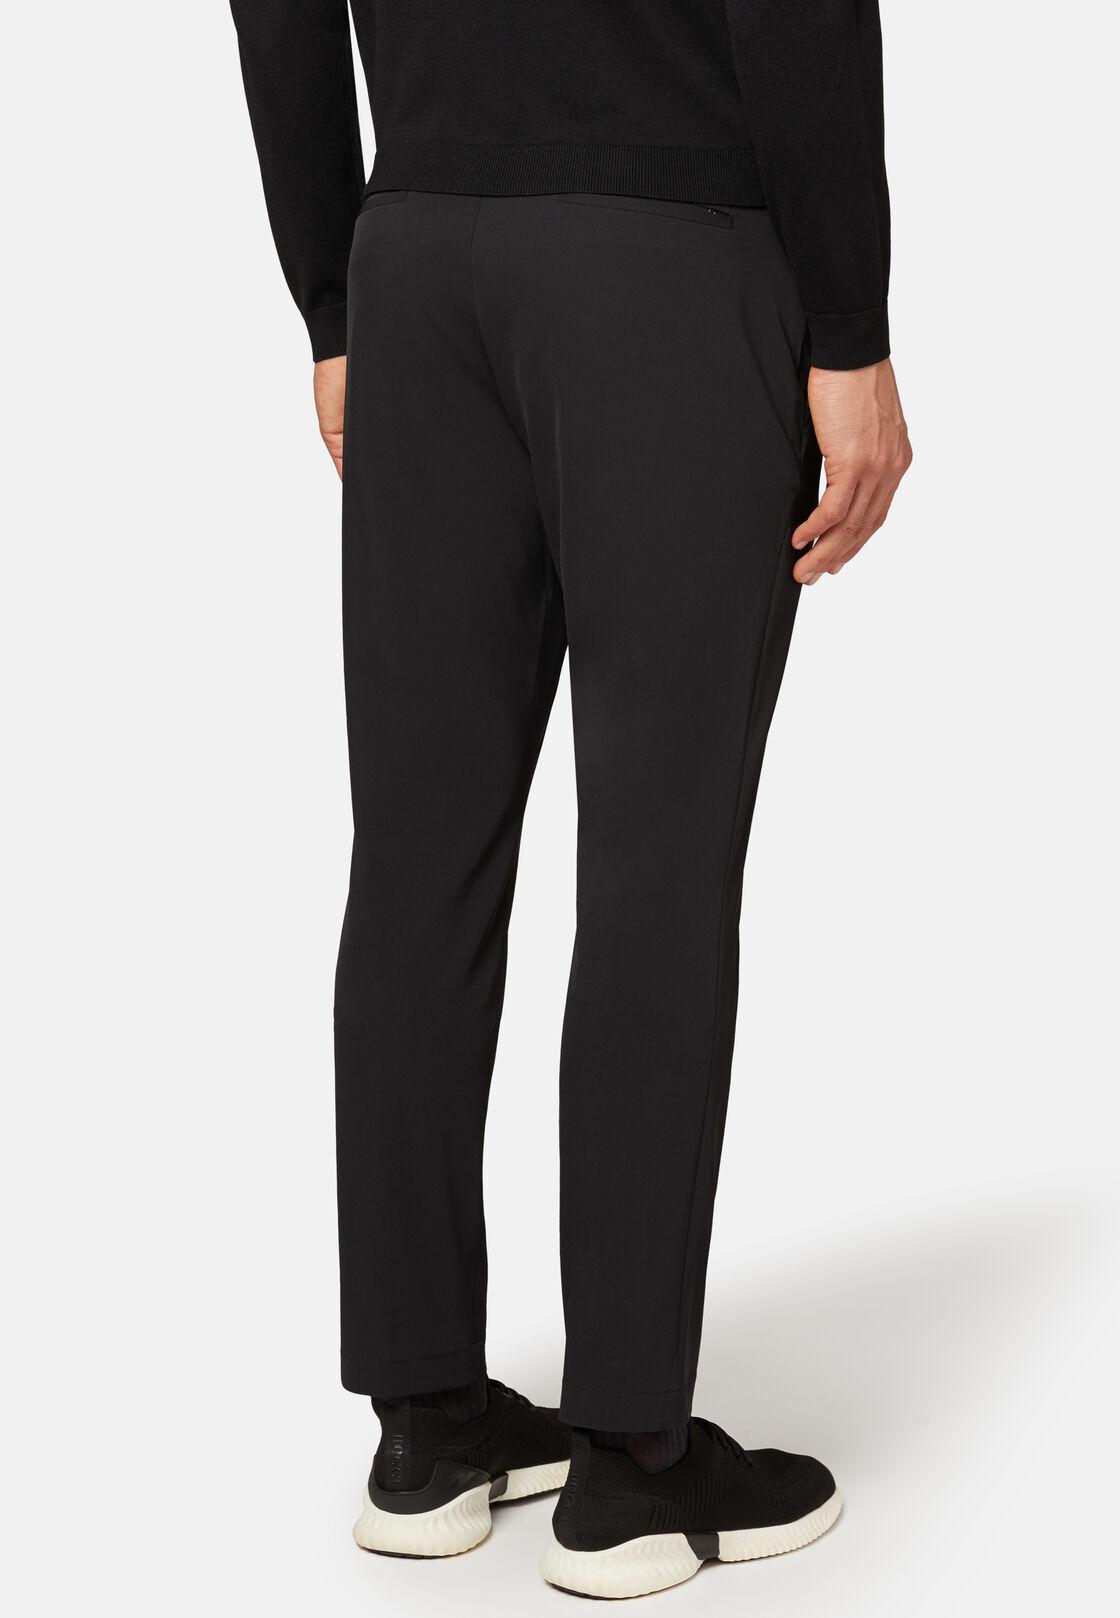 Pantaloni in nylon elasticizzato b tech, Nero, hi-res